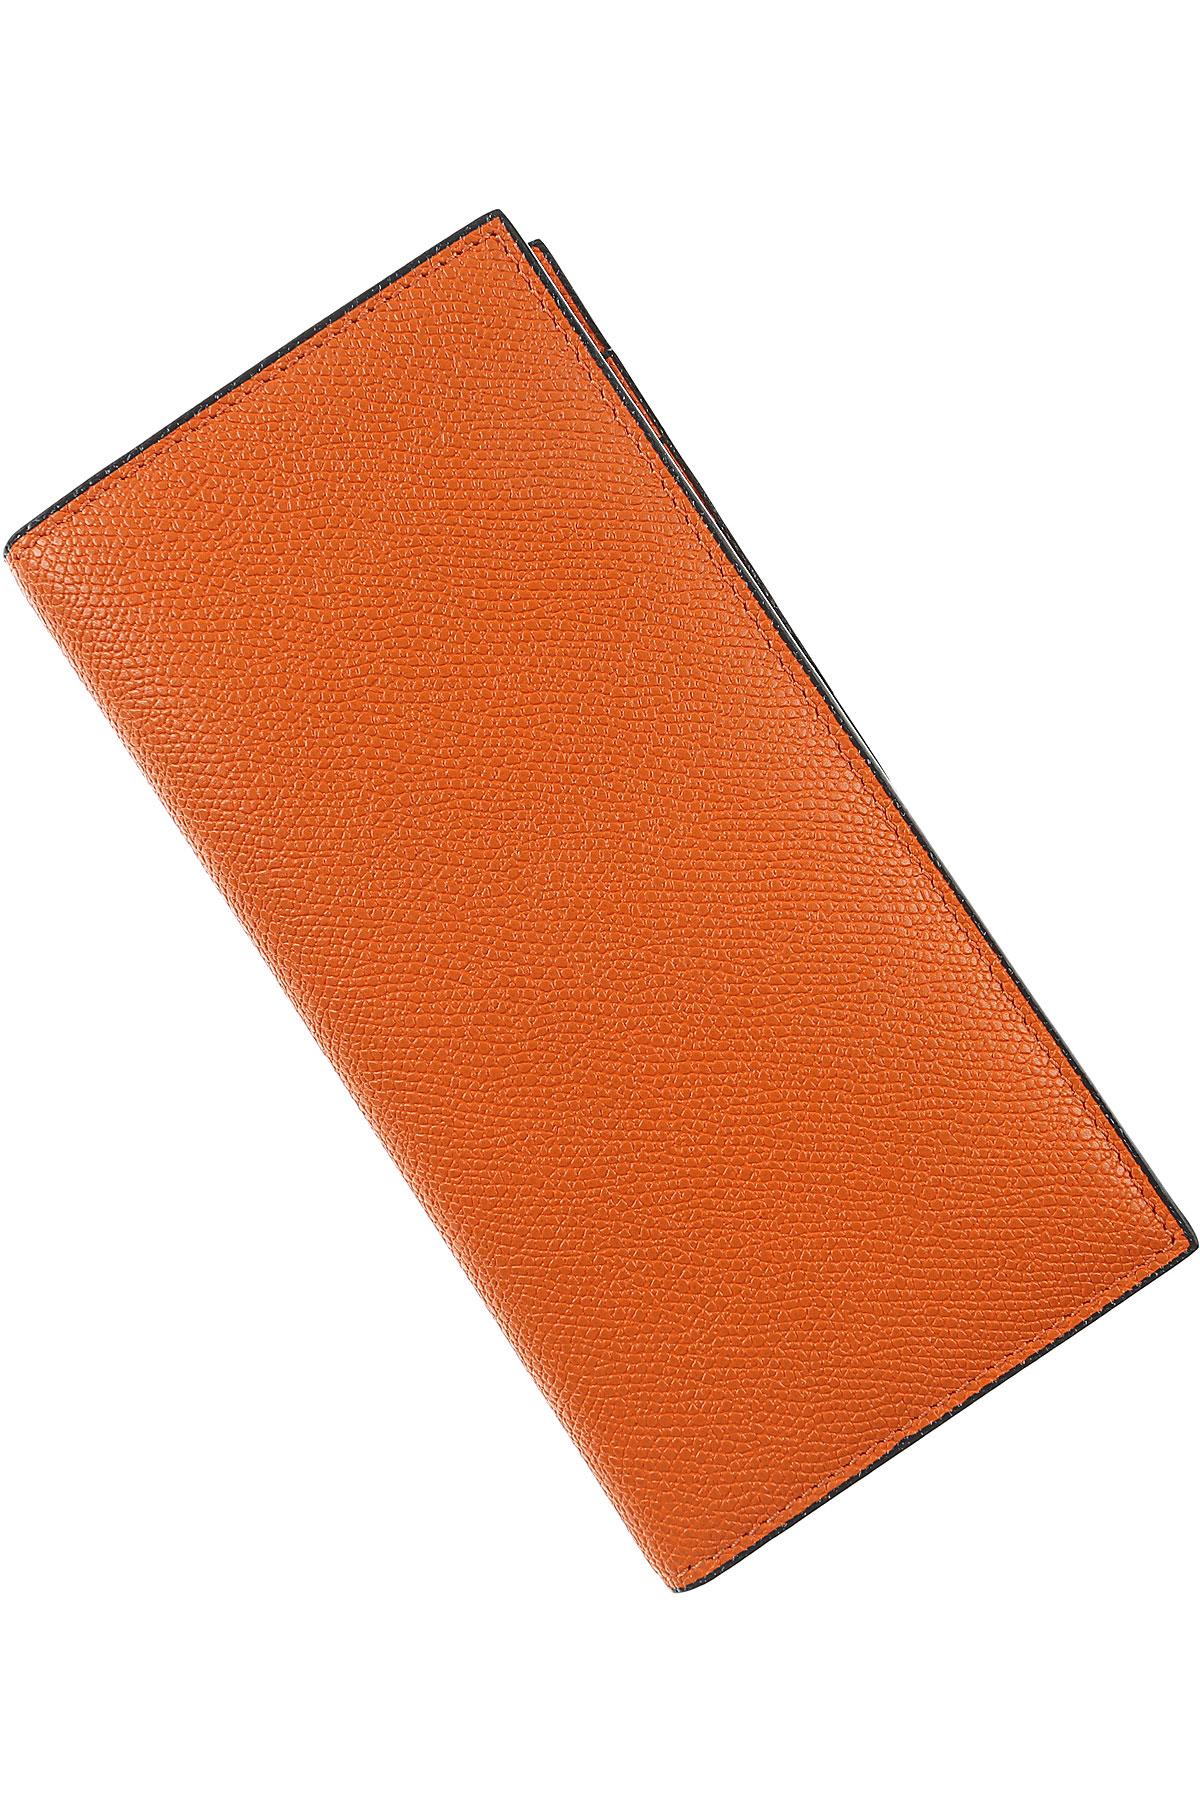 Image of Valextra Card Holder for Men, Orange, Leather, 2017